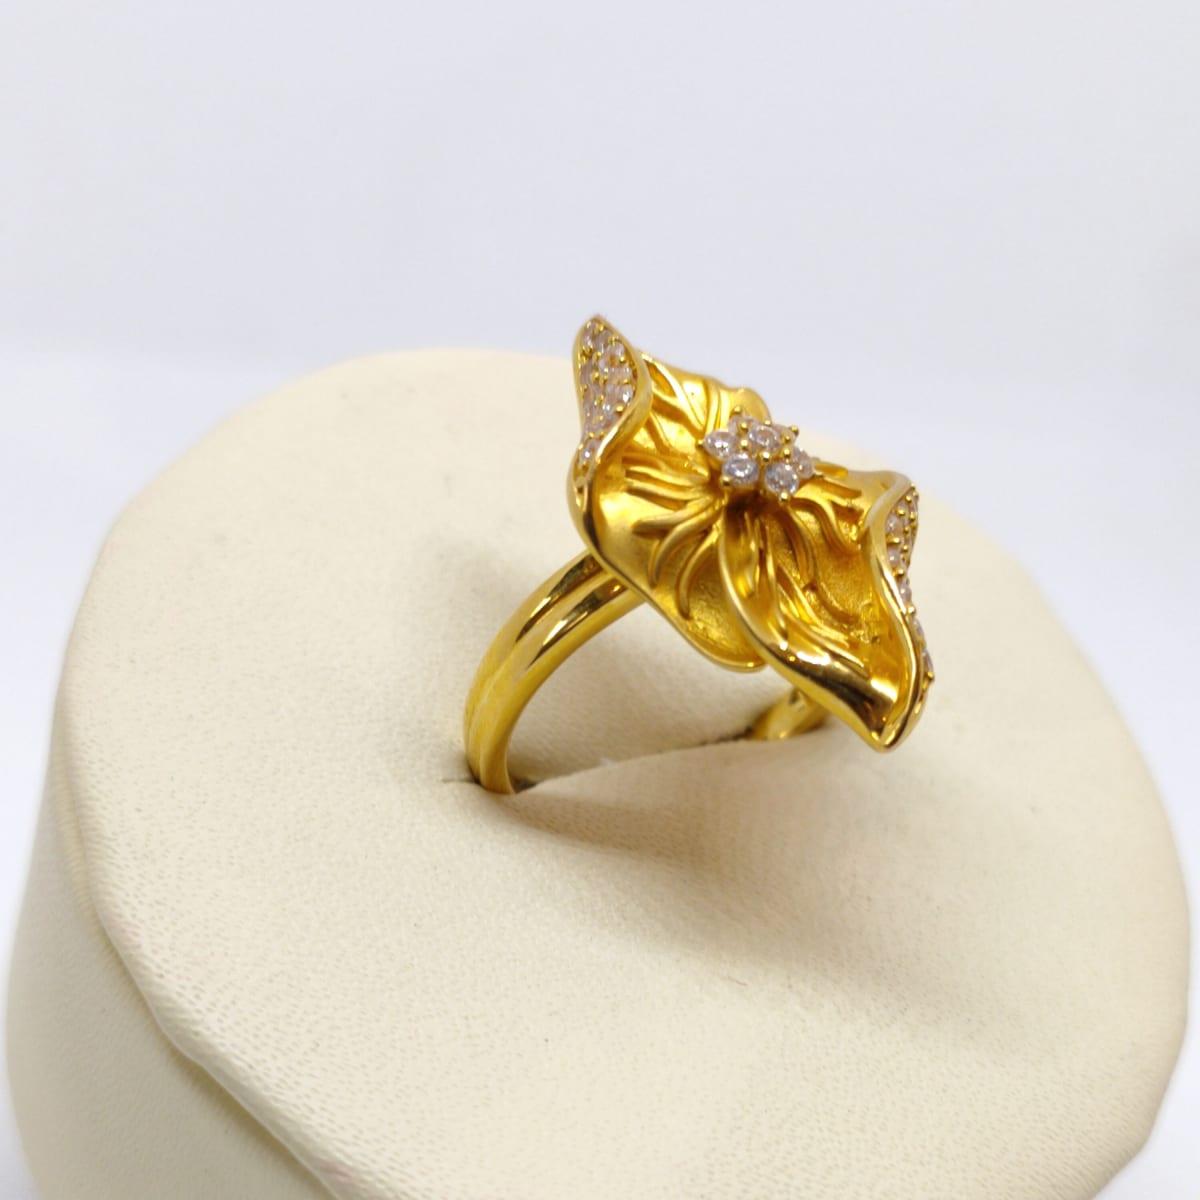 Tanishka Cz Ring